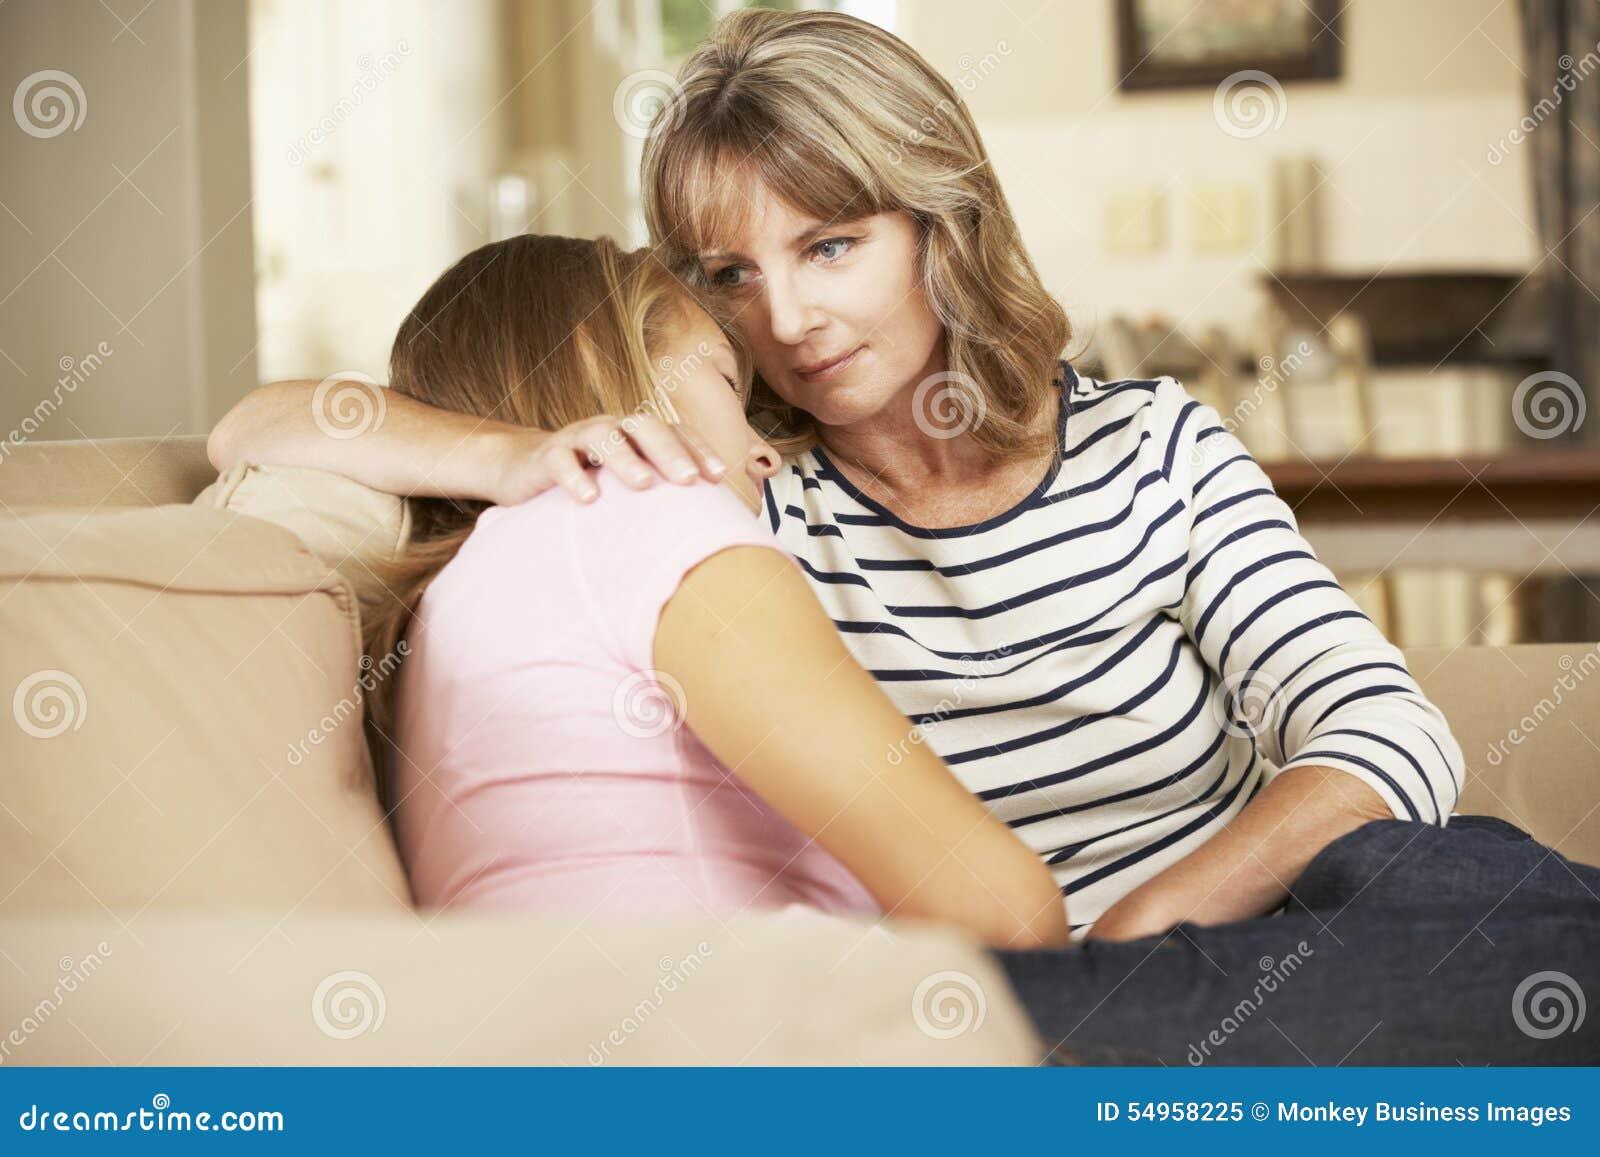 Сексы мамы фото, Фотографии Зрелая Эротика (Mature, Мамки, Инцест) 24 фотография